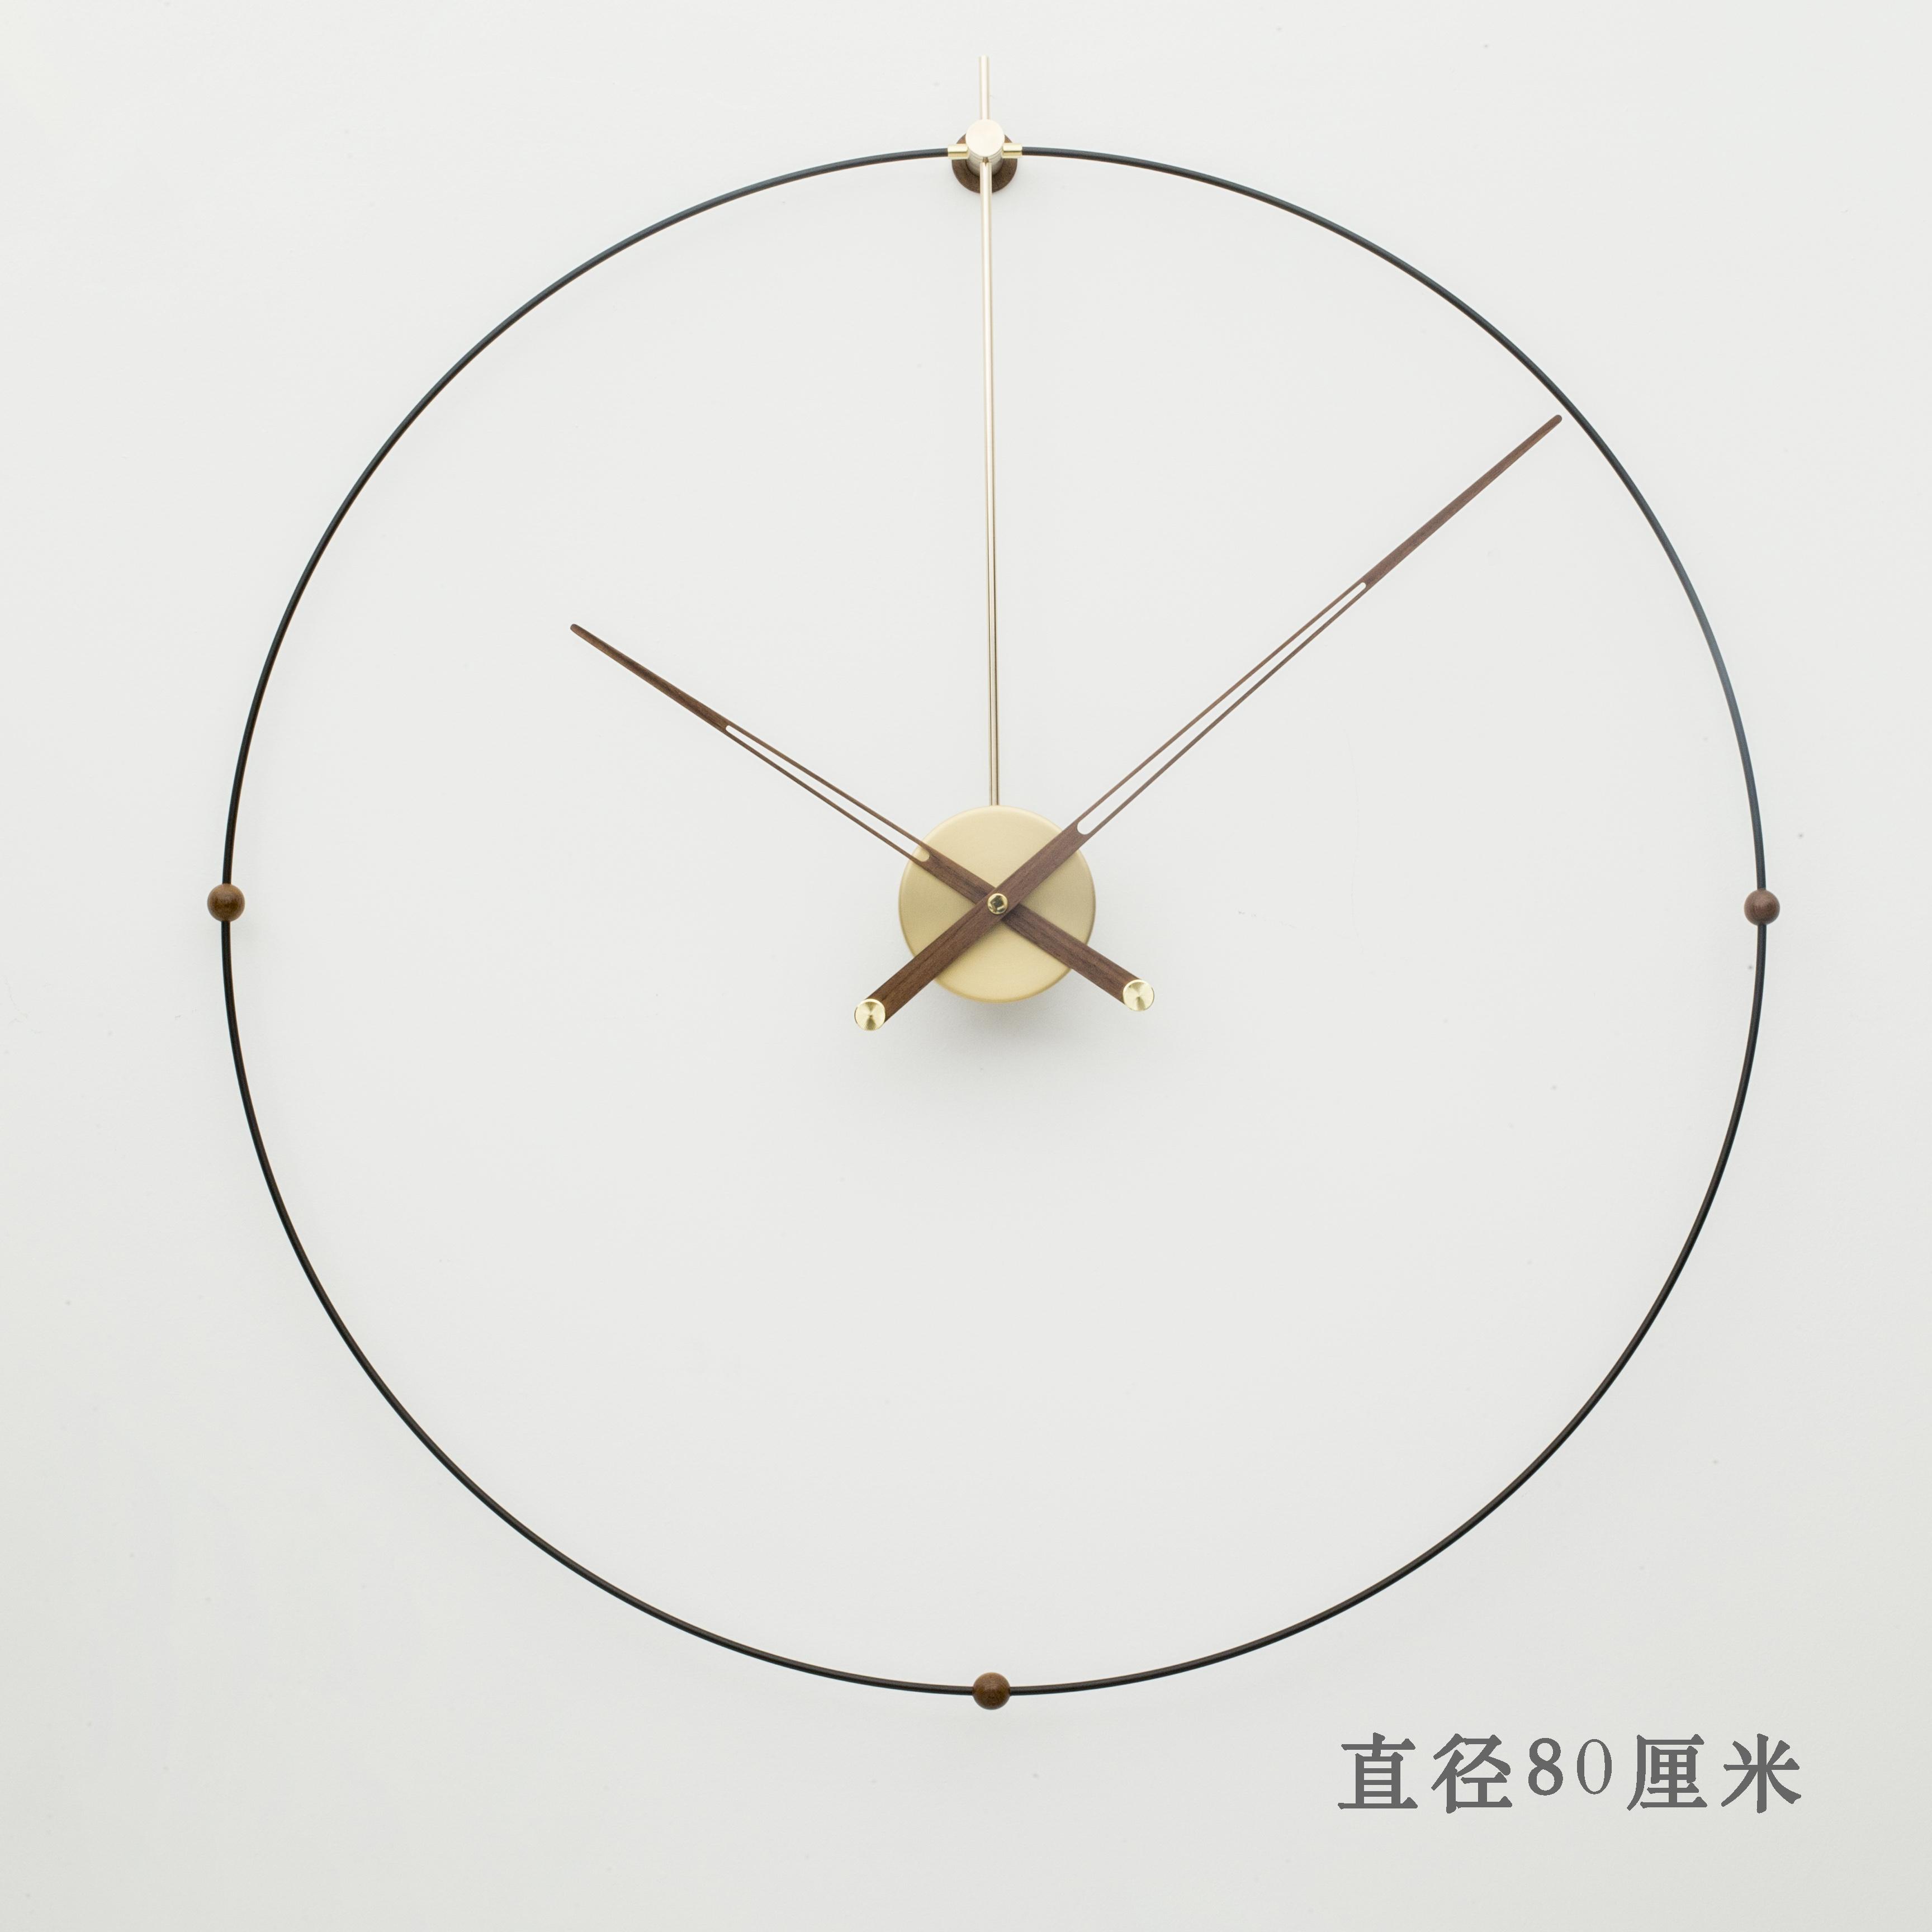 现代创意个性样板间客厅西班牙风格简约北欧美大指针石英钟挂钟表 Изображение 1